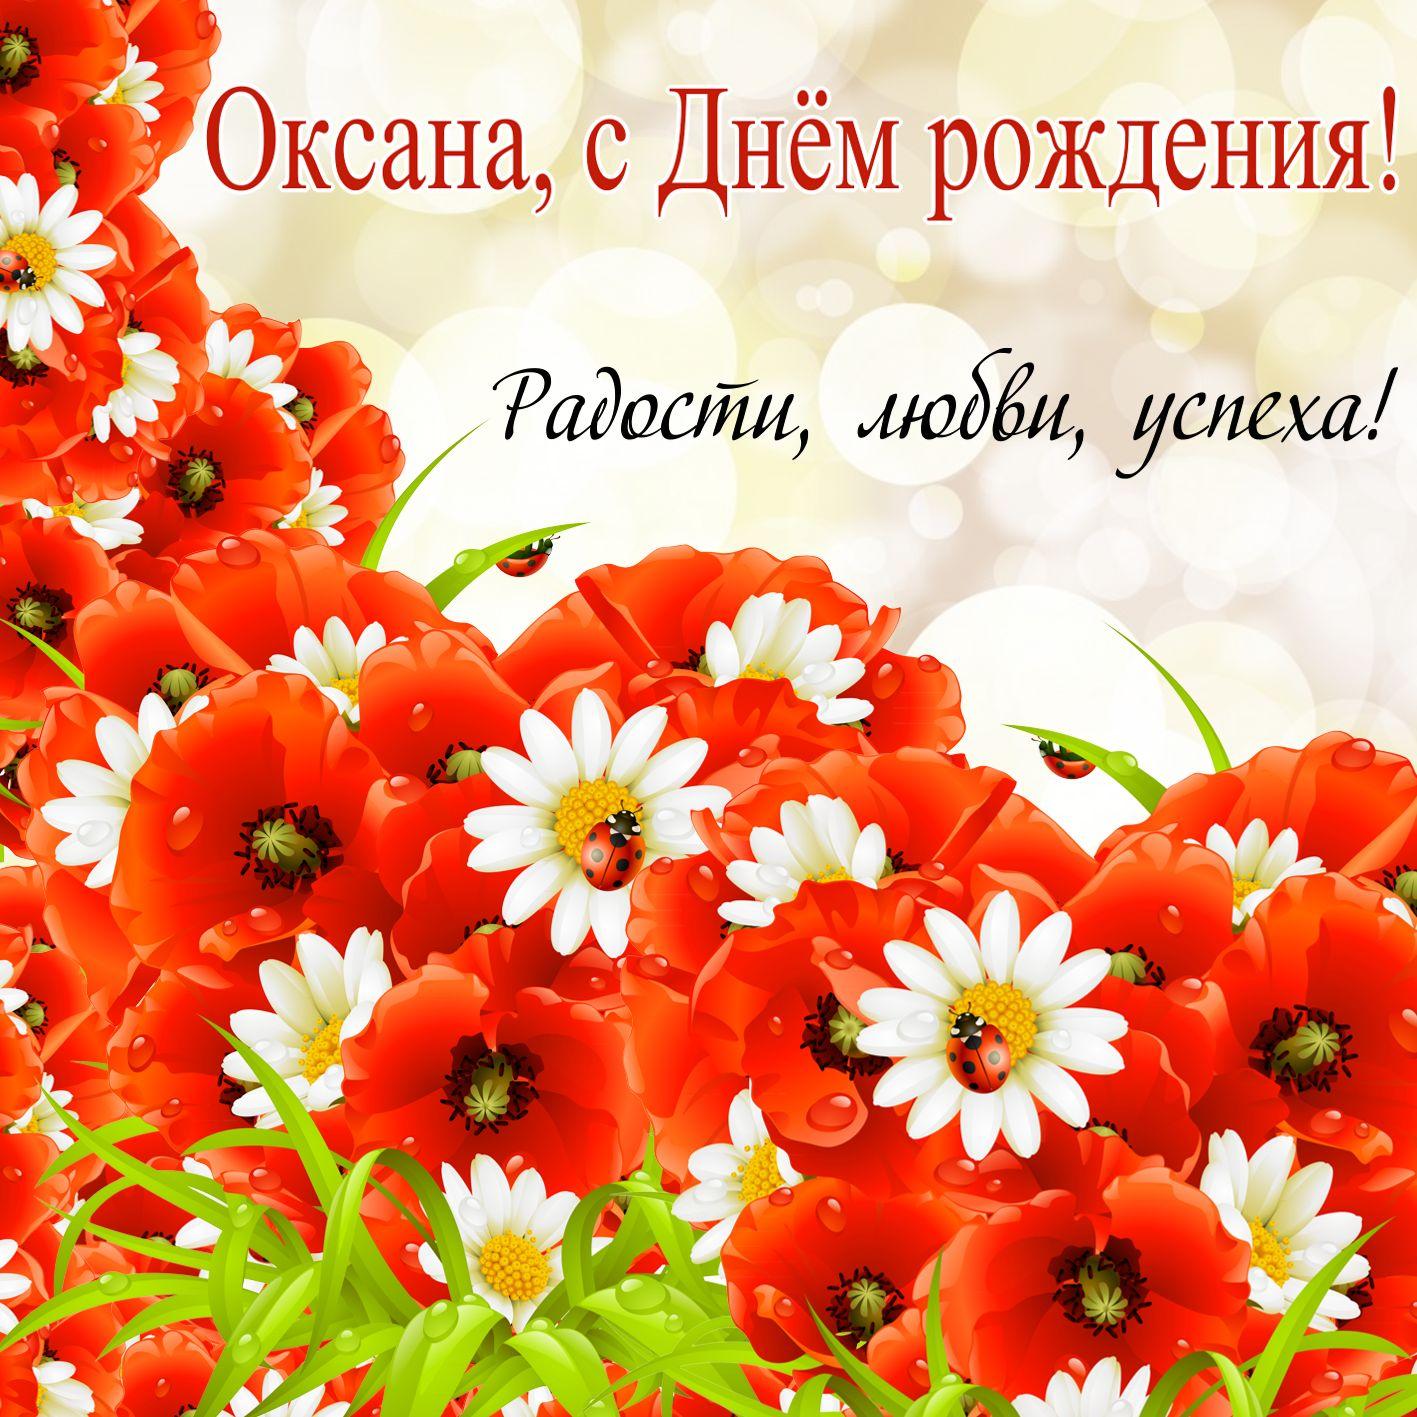 Открытка на День рождения Оксане - полевые цветы с божьими коровками